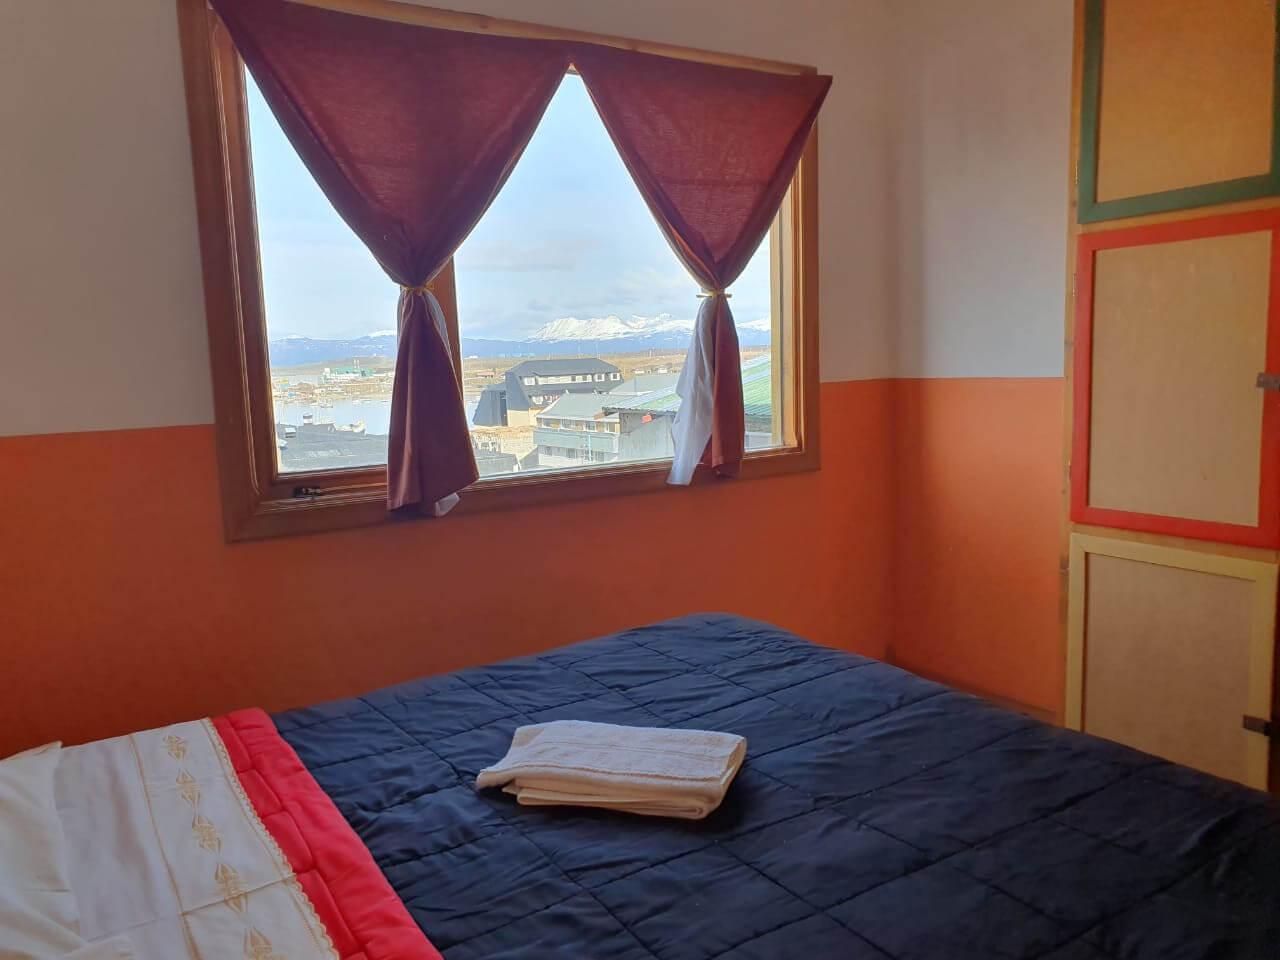 Habitación Yaghan hostel 1 persona